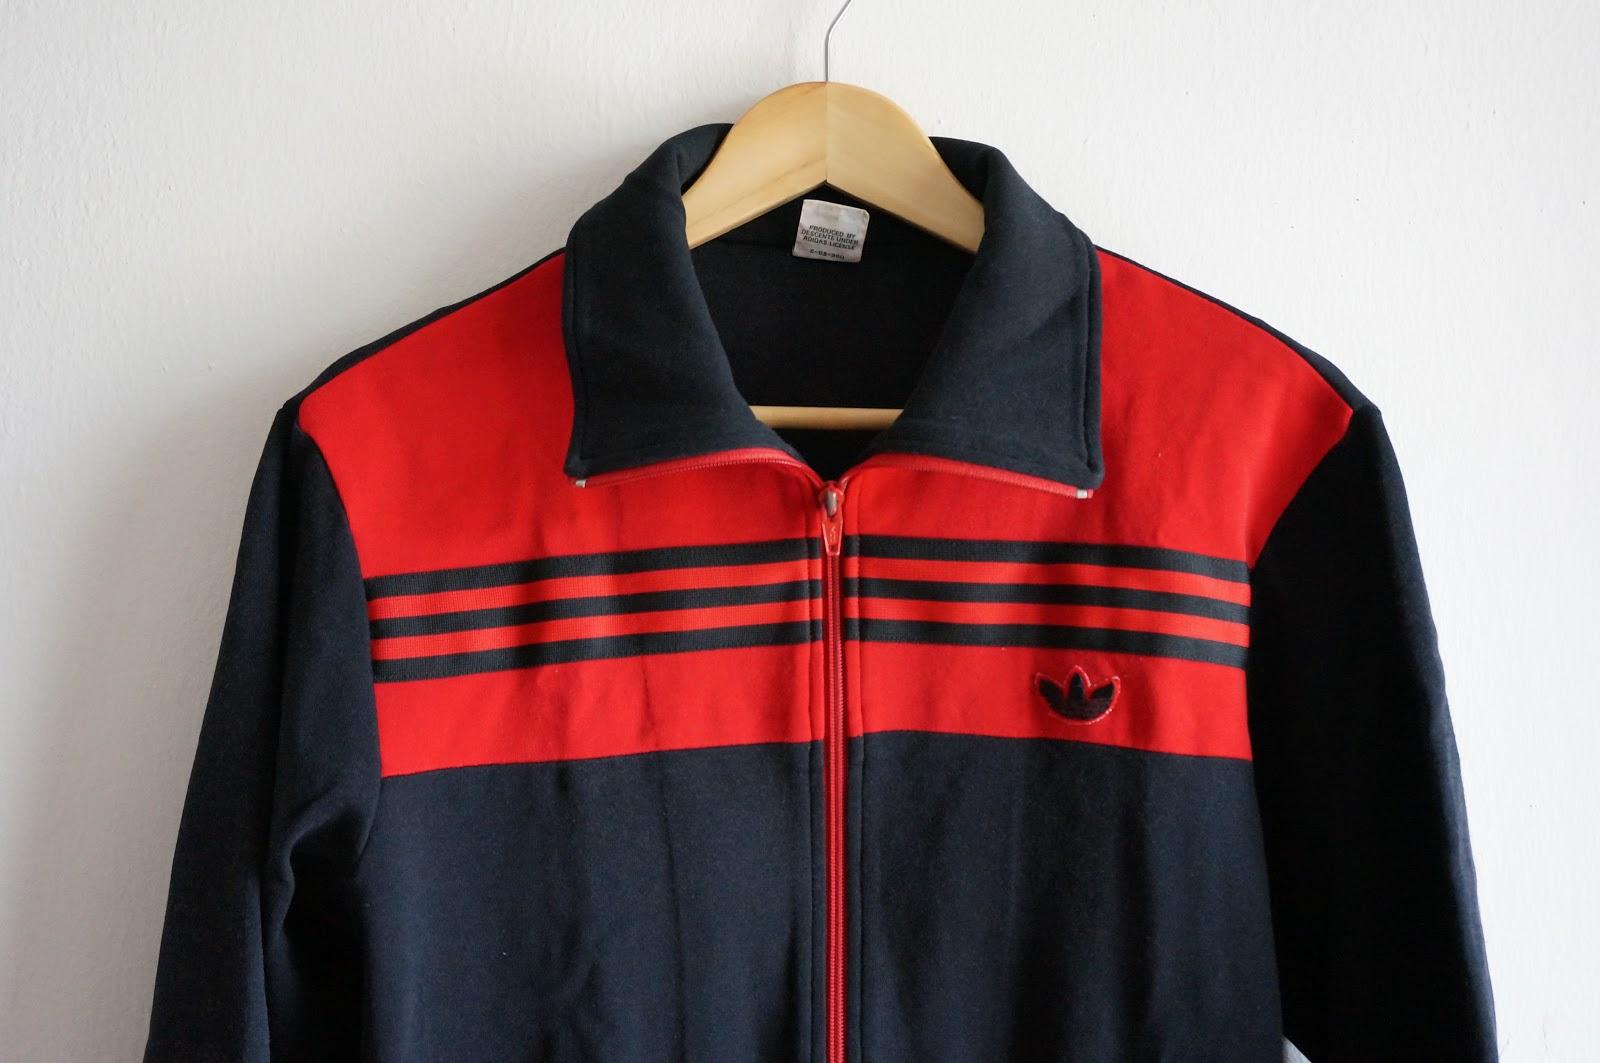 jaket adidas merah - photo #24